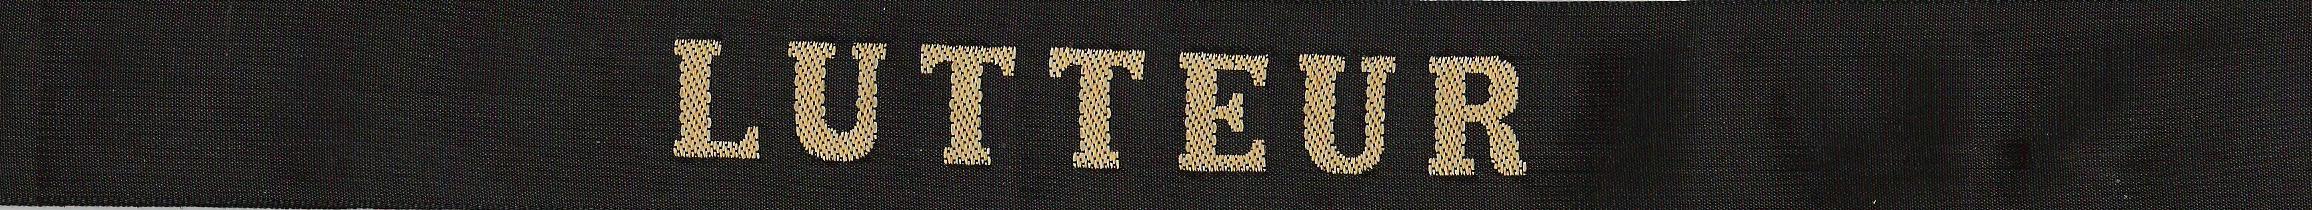 Le ruban légendé en 1973-1974 il n étais pas encore porté